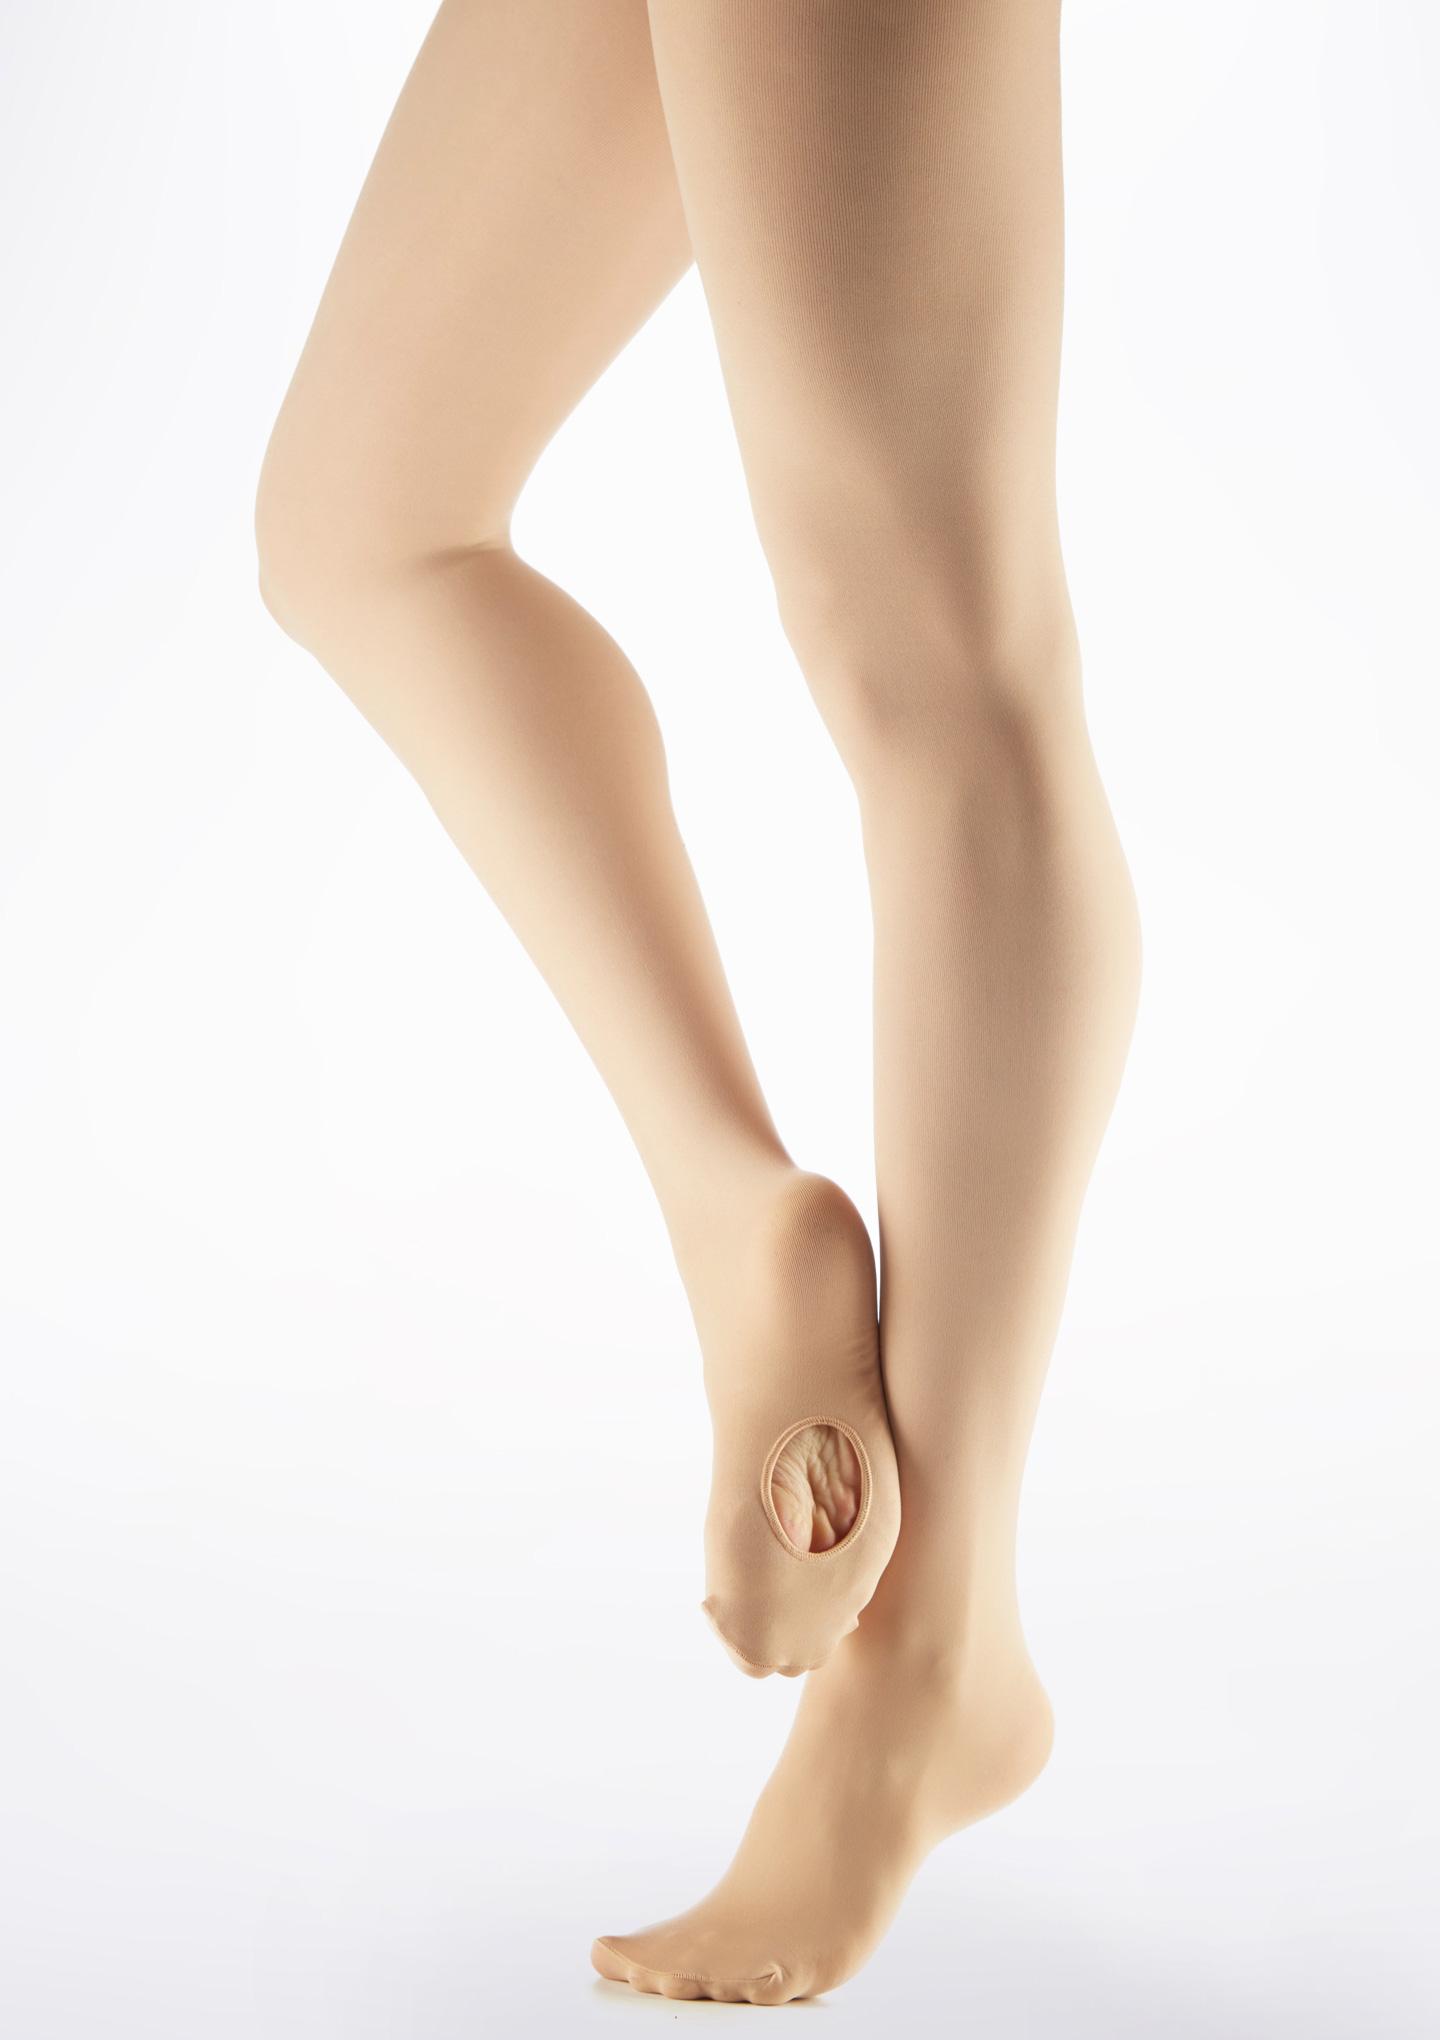 Calze Danza Convertibili Move Dance Abbronzato Chiaro Marrone immagine principale. [Marrone]